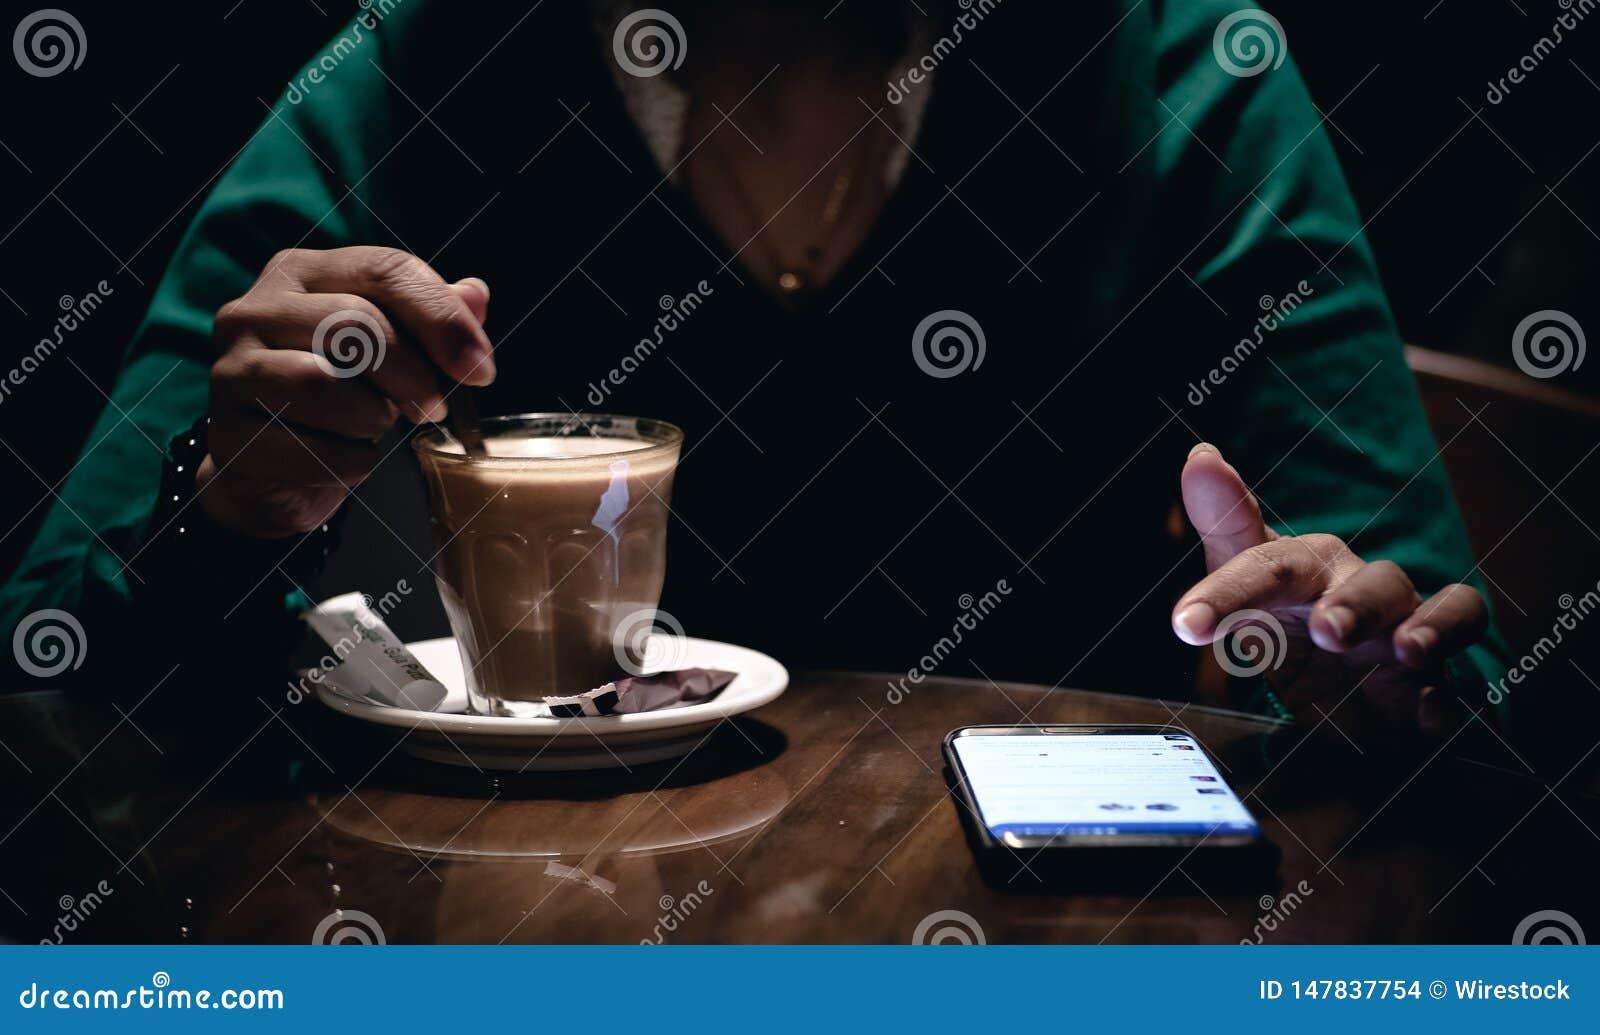 Een volwassen wijfje gebruikend haar telefoon en drinkend koffie in een donkere ruimte